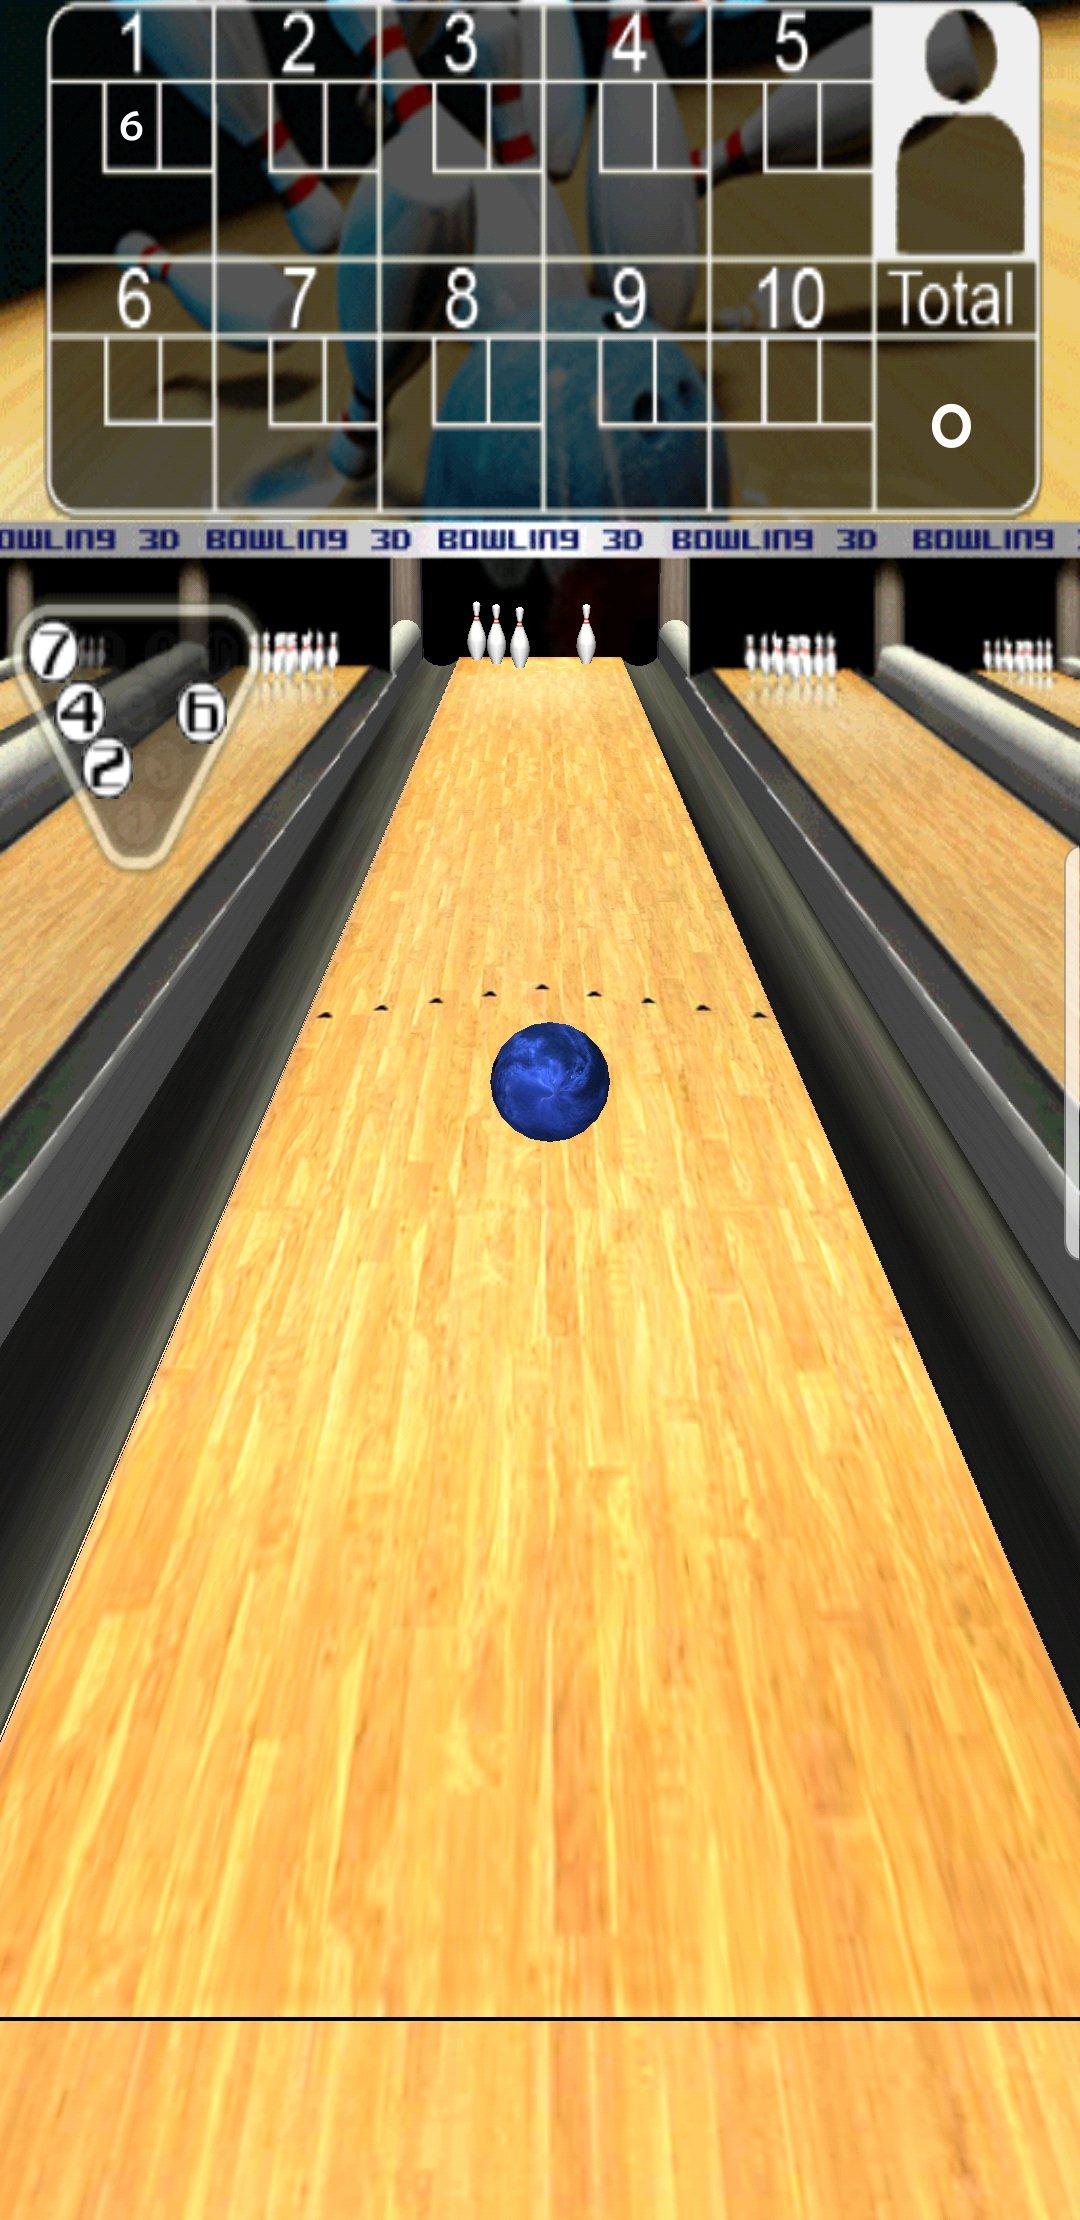 3D Bowling 3.2 - Télécharger Pour Android Apk Gratuitement avec Jeux Gratuits De Bowling